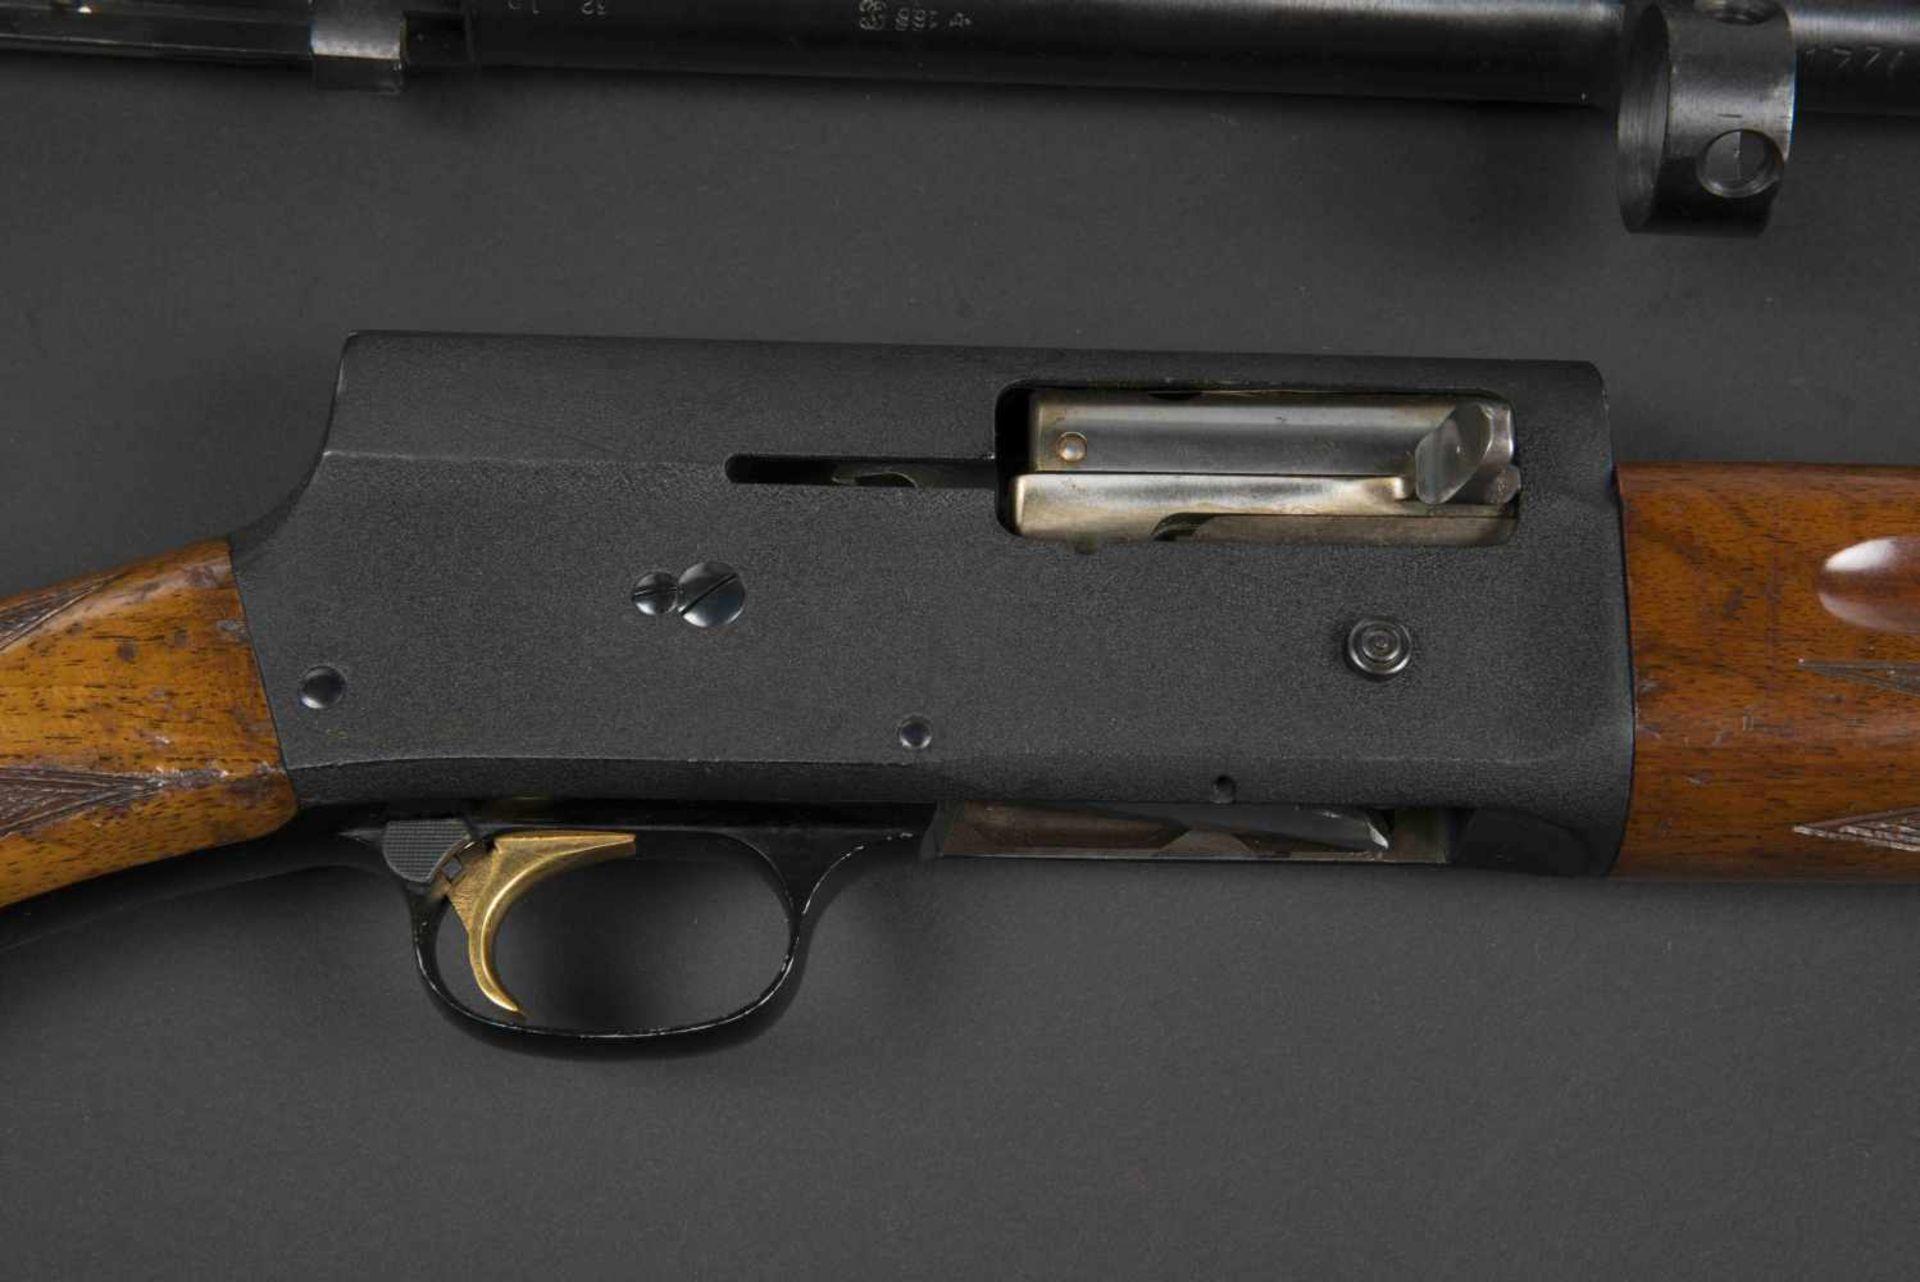 Fusil Browning automatique Catégorie C Calibre 16/70, numéro 2022168, canons M63098. Fabrication - Bild 2 aus 2